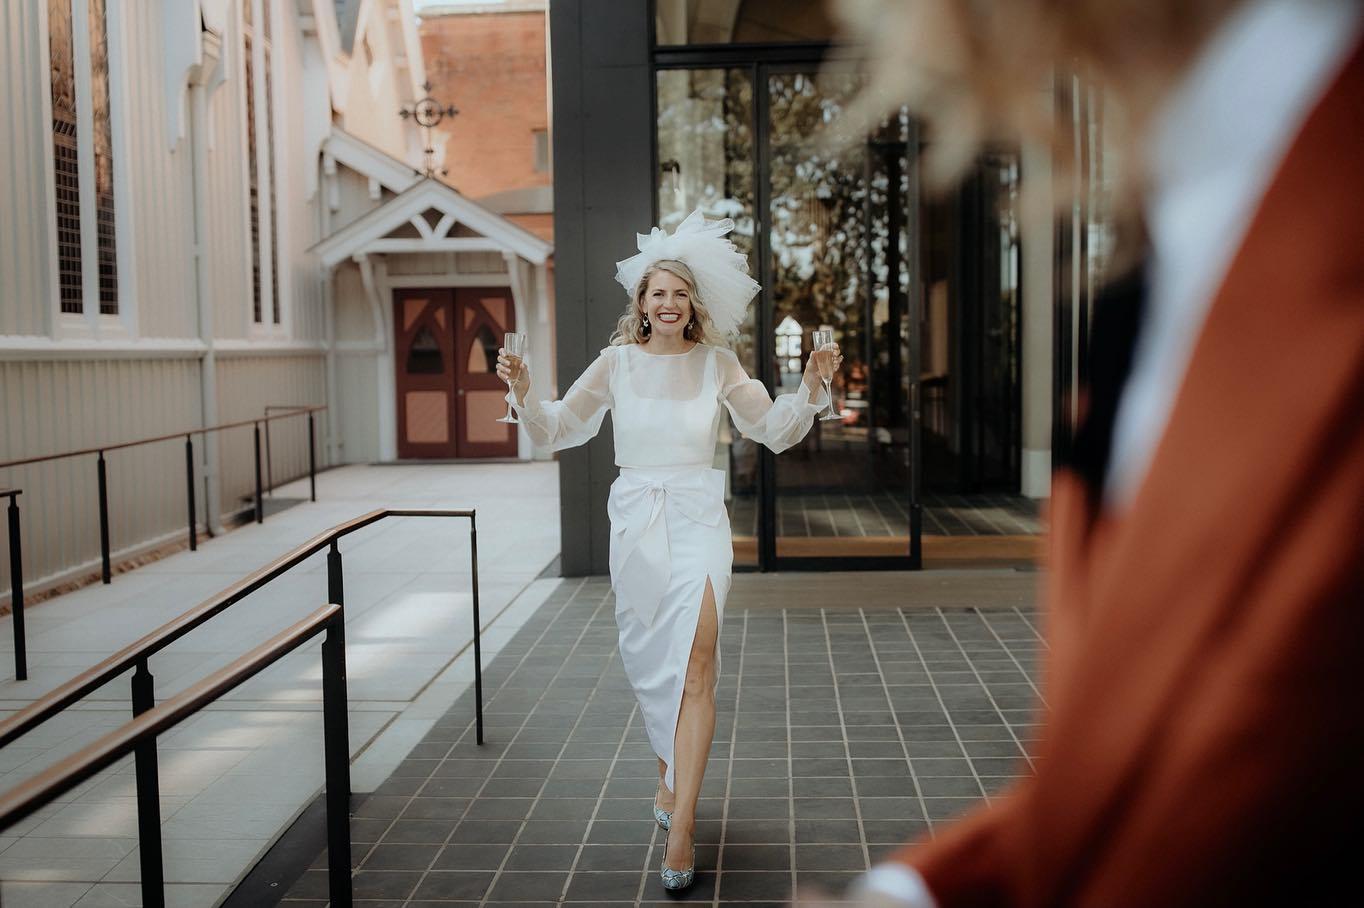 Chasewild Photography, elopement wedding photography - Wedding Hub - 010